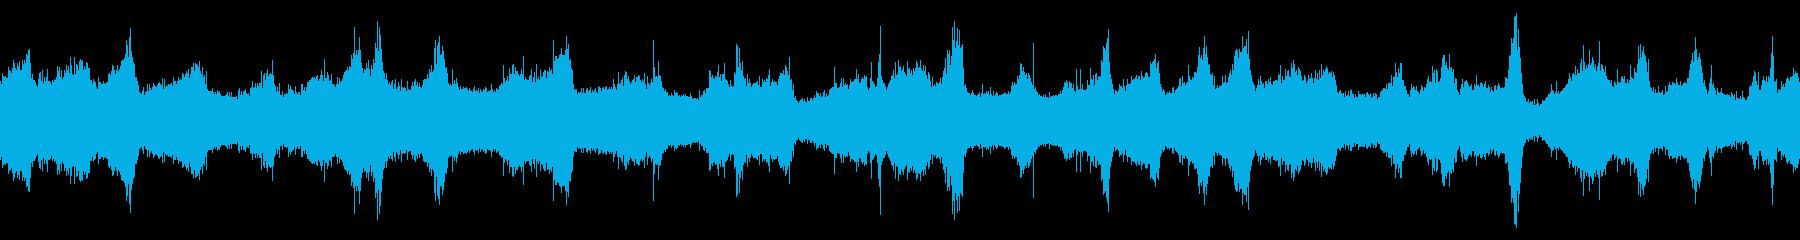 【四国最東端】灯台付近の波音 秋 ループの再生済みの波形